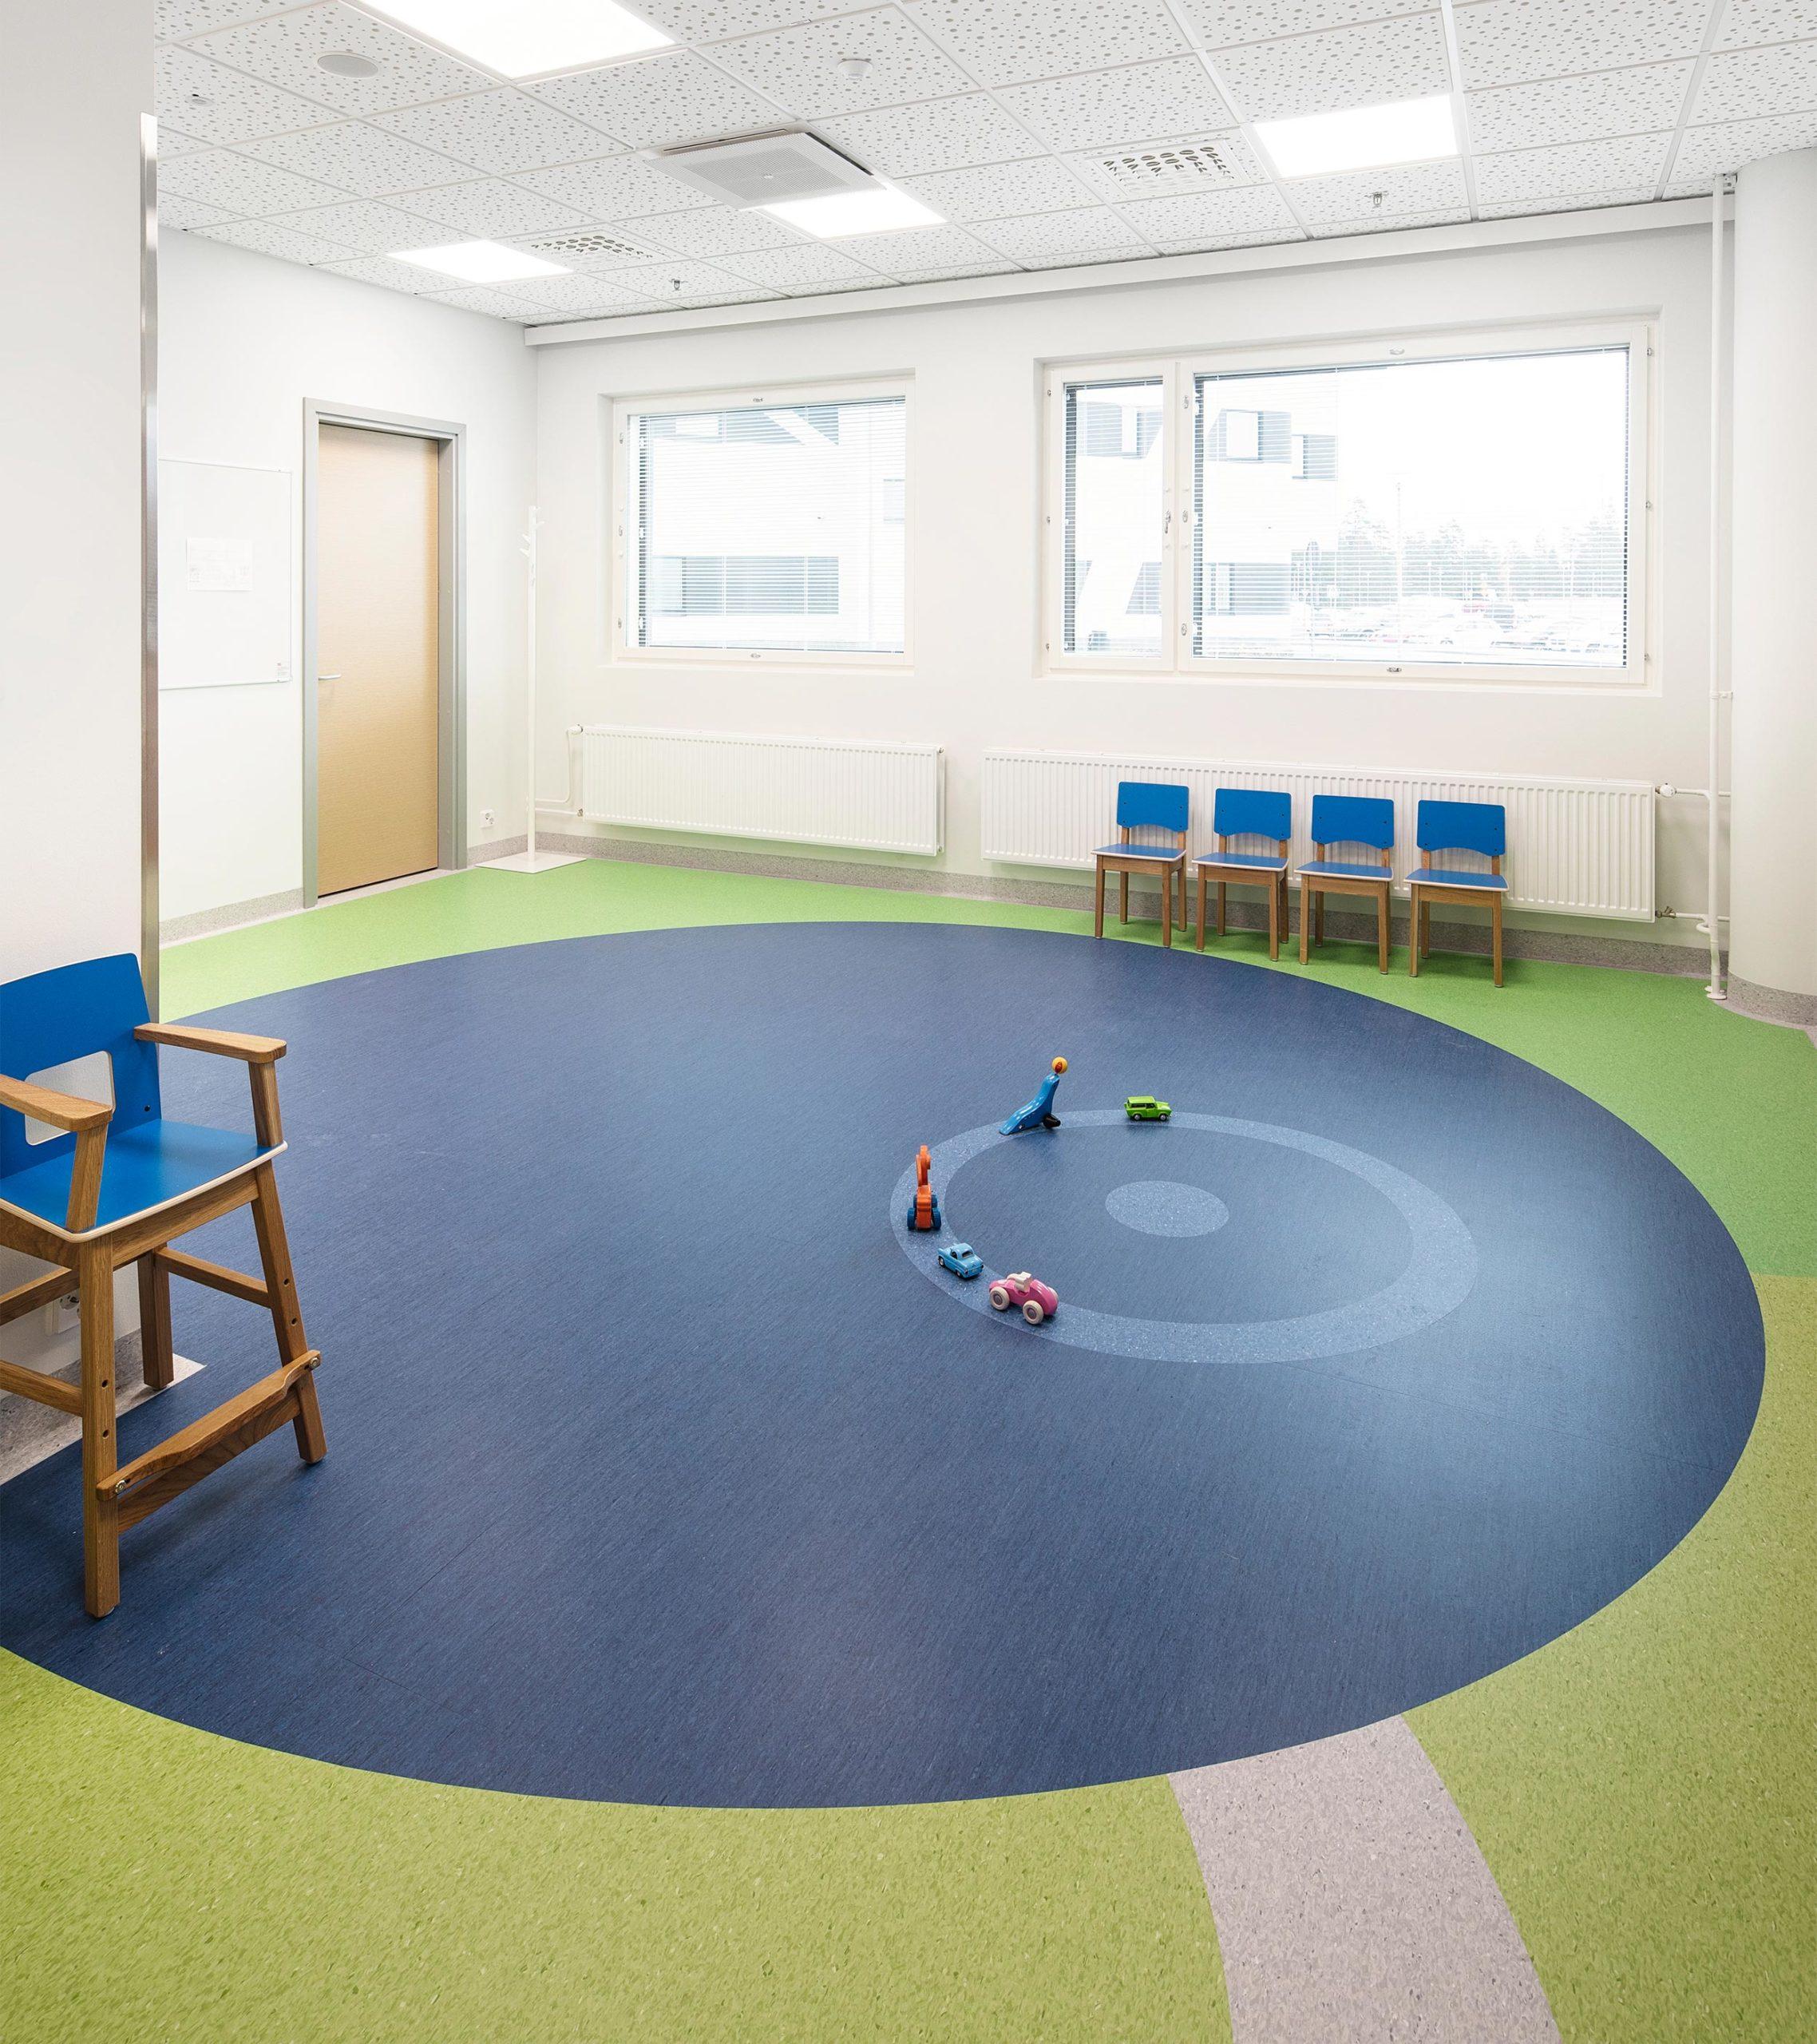 Hyvinkään sairaalan lastenosaston  taidetta, jossa mustikka koristaa lattiaa.